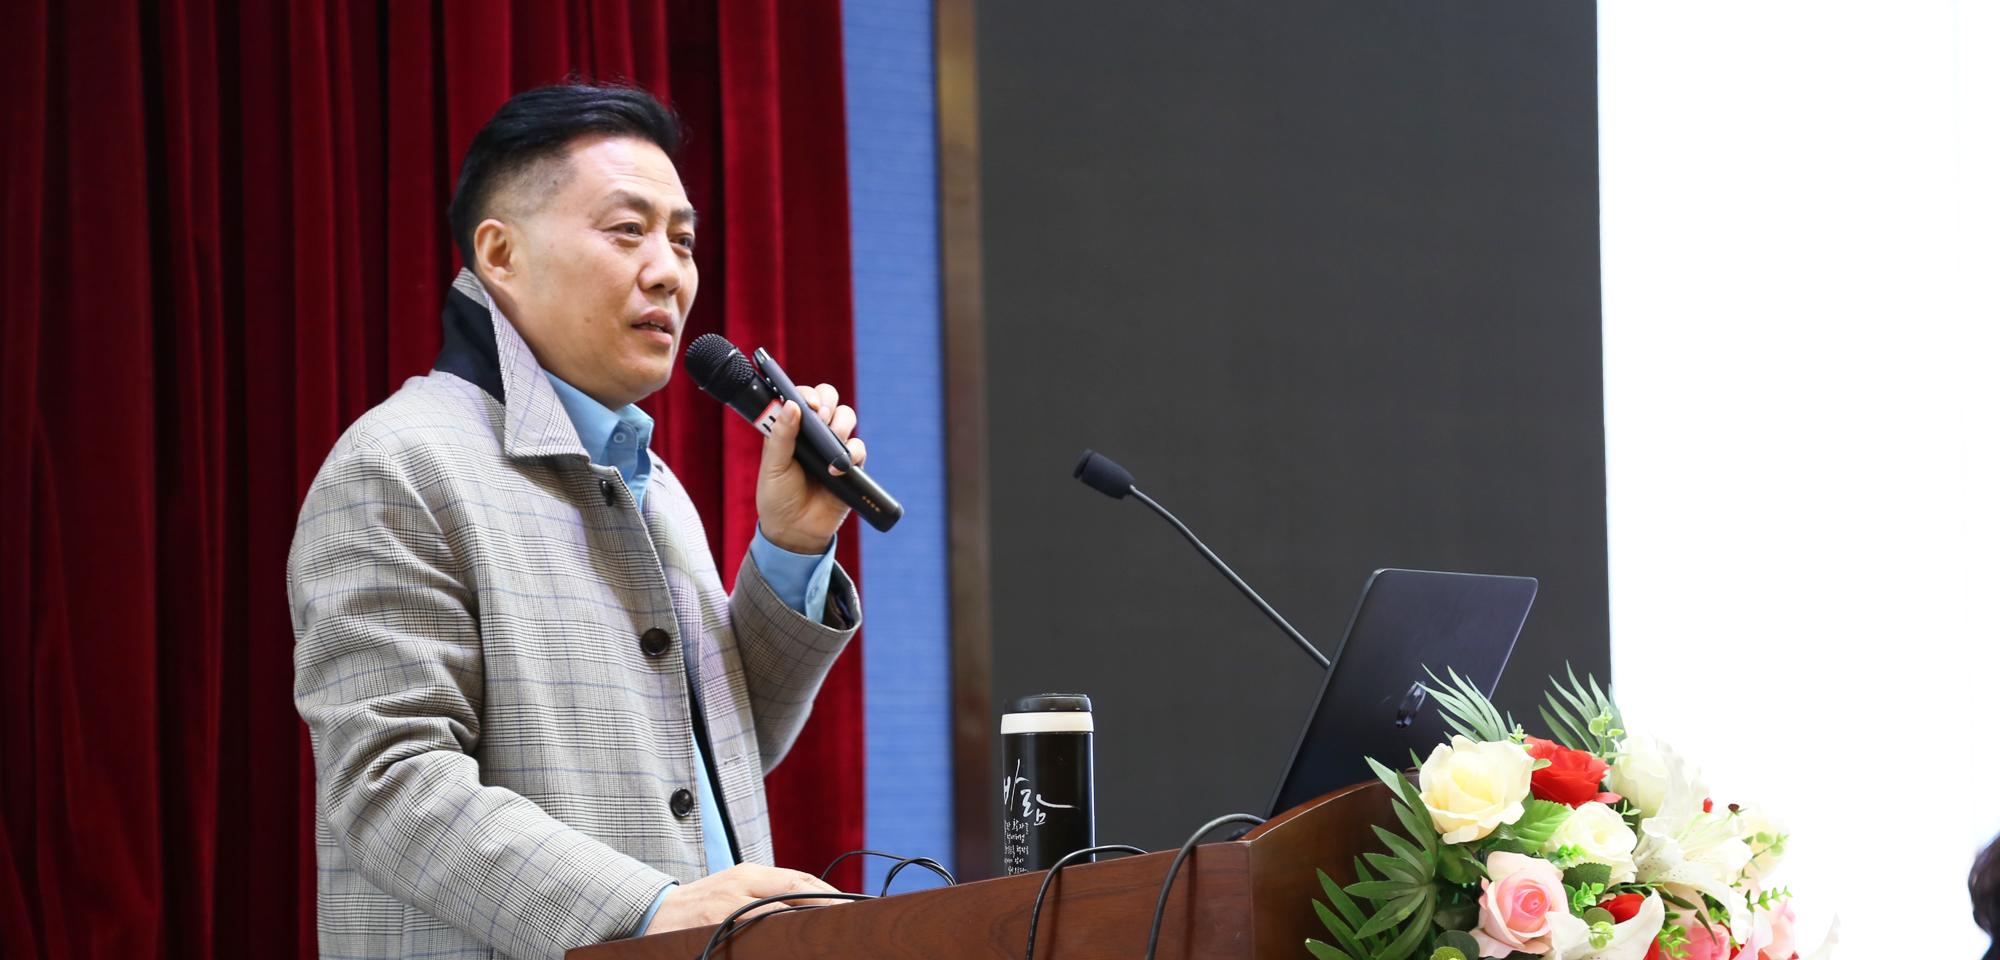 联盟常务理事、学术指导,江苏省南通市教科院数学特级教师符永平老师的《名师工作室的核心考量——如何让普通老师在课堂成长为名师》